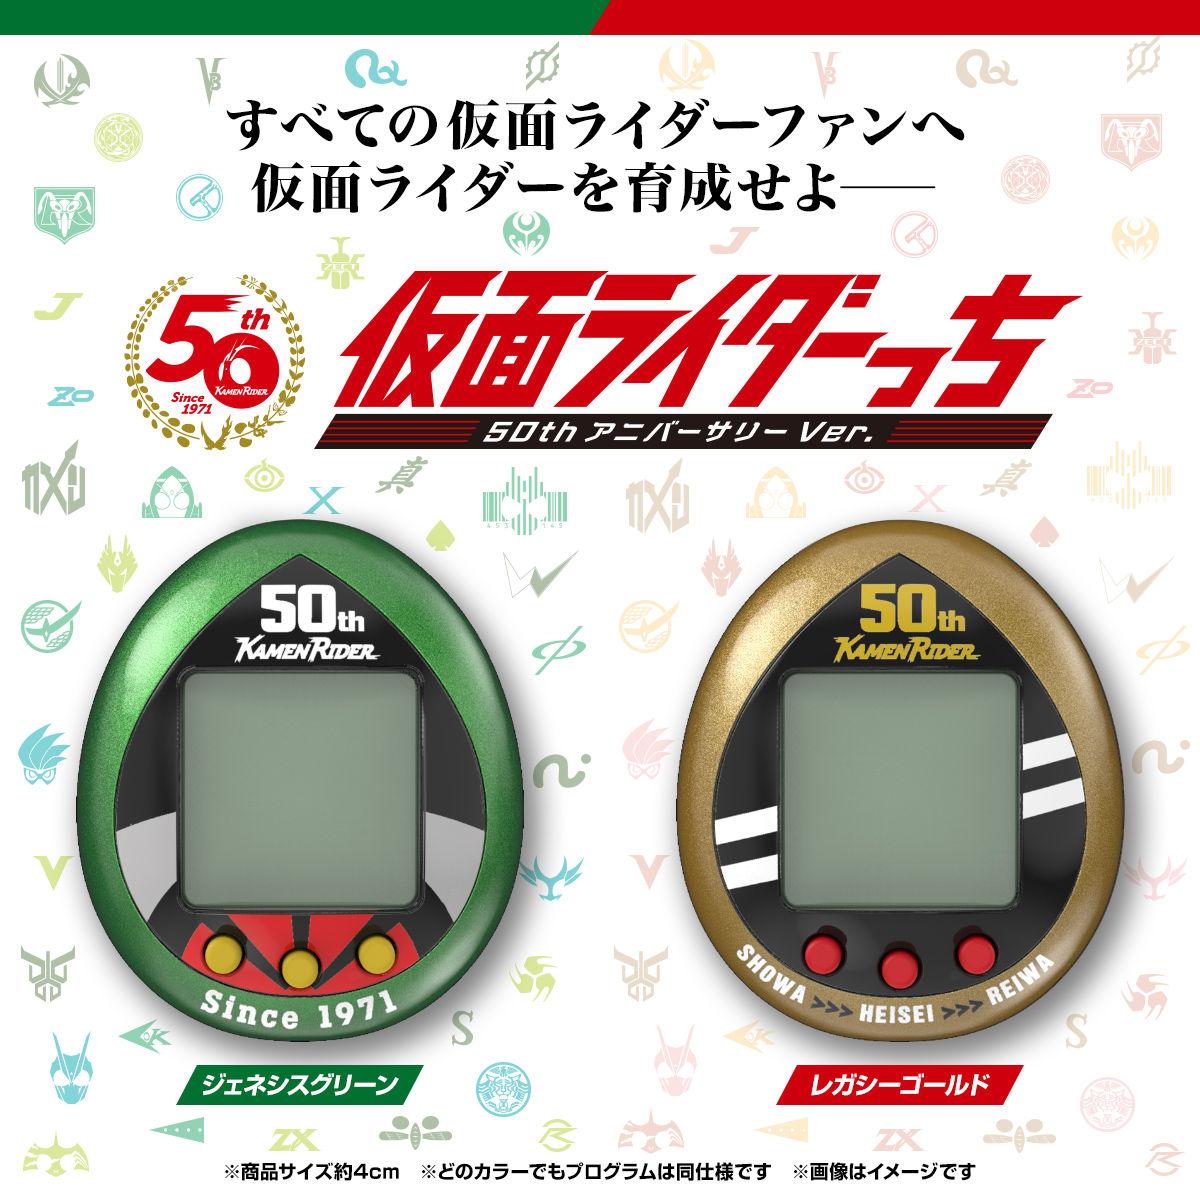 【限定販売】仮面ライダーシリーズ『仮面ライダーっち 50thアニバーサリーVer.』たまごっちnano-001